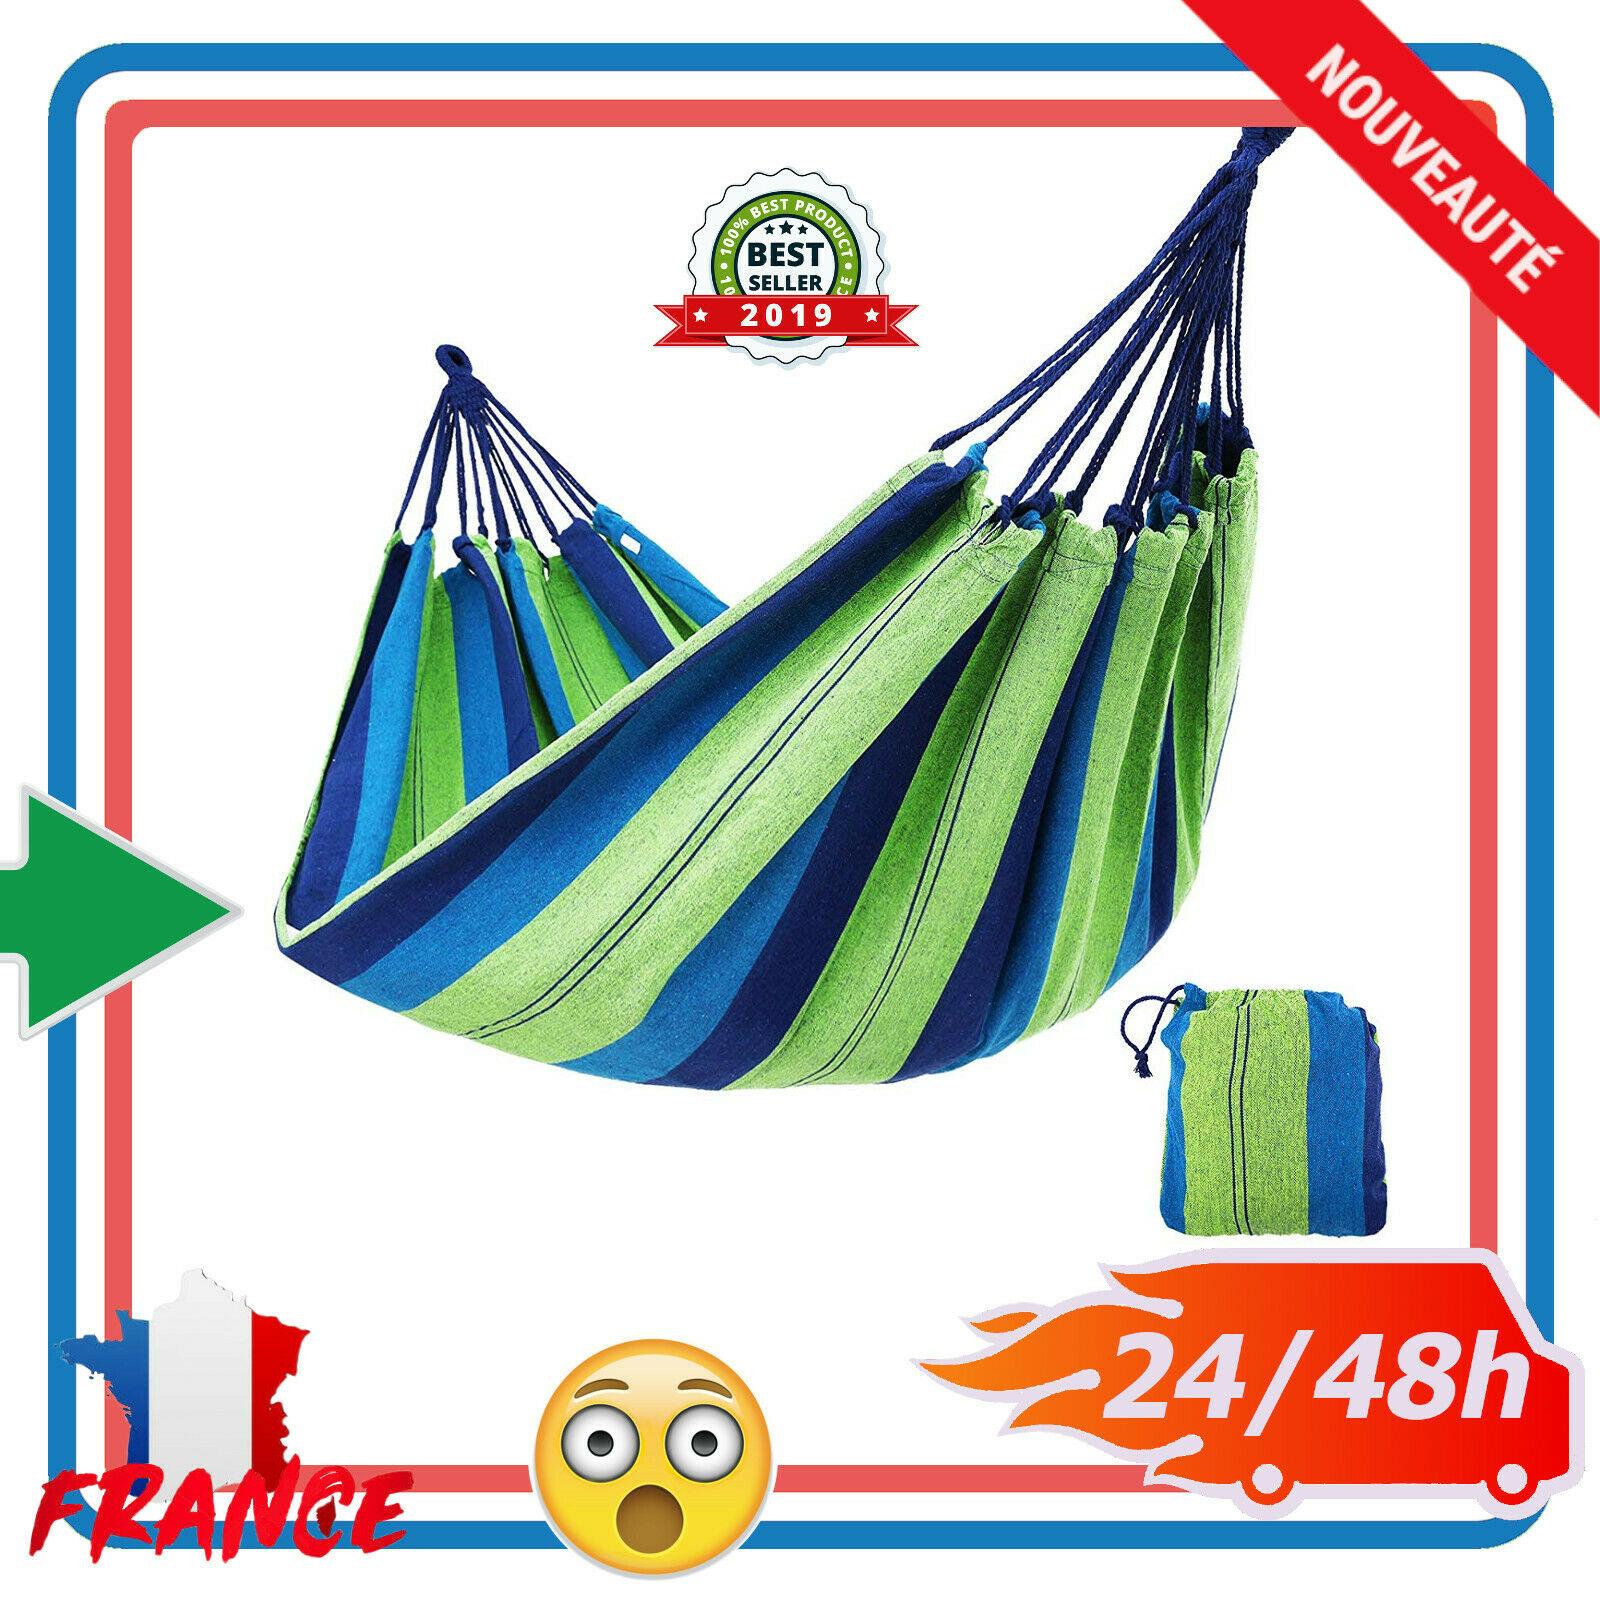 Détails Sur Portable Hamac De Jardin 2 Personnes Grand Lit Suspendu Camping  Voyage Terrasse concernant Lit Suspendu Jardin